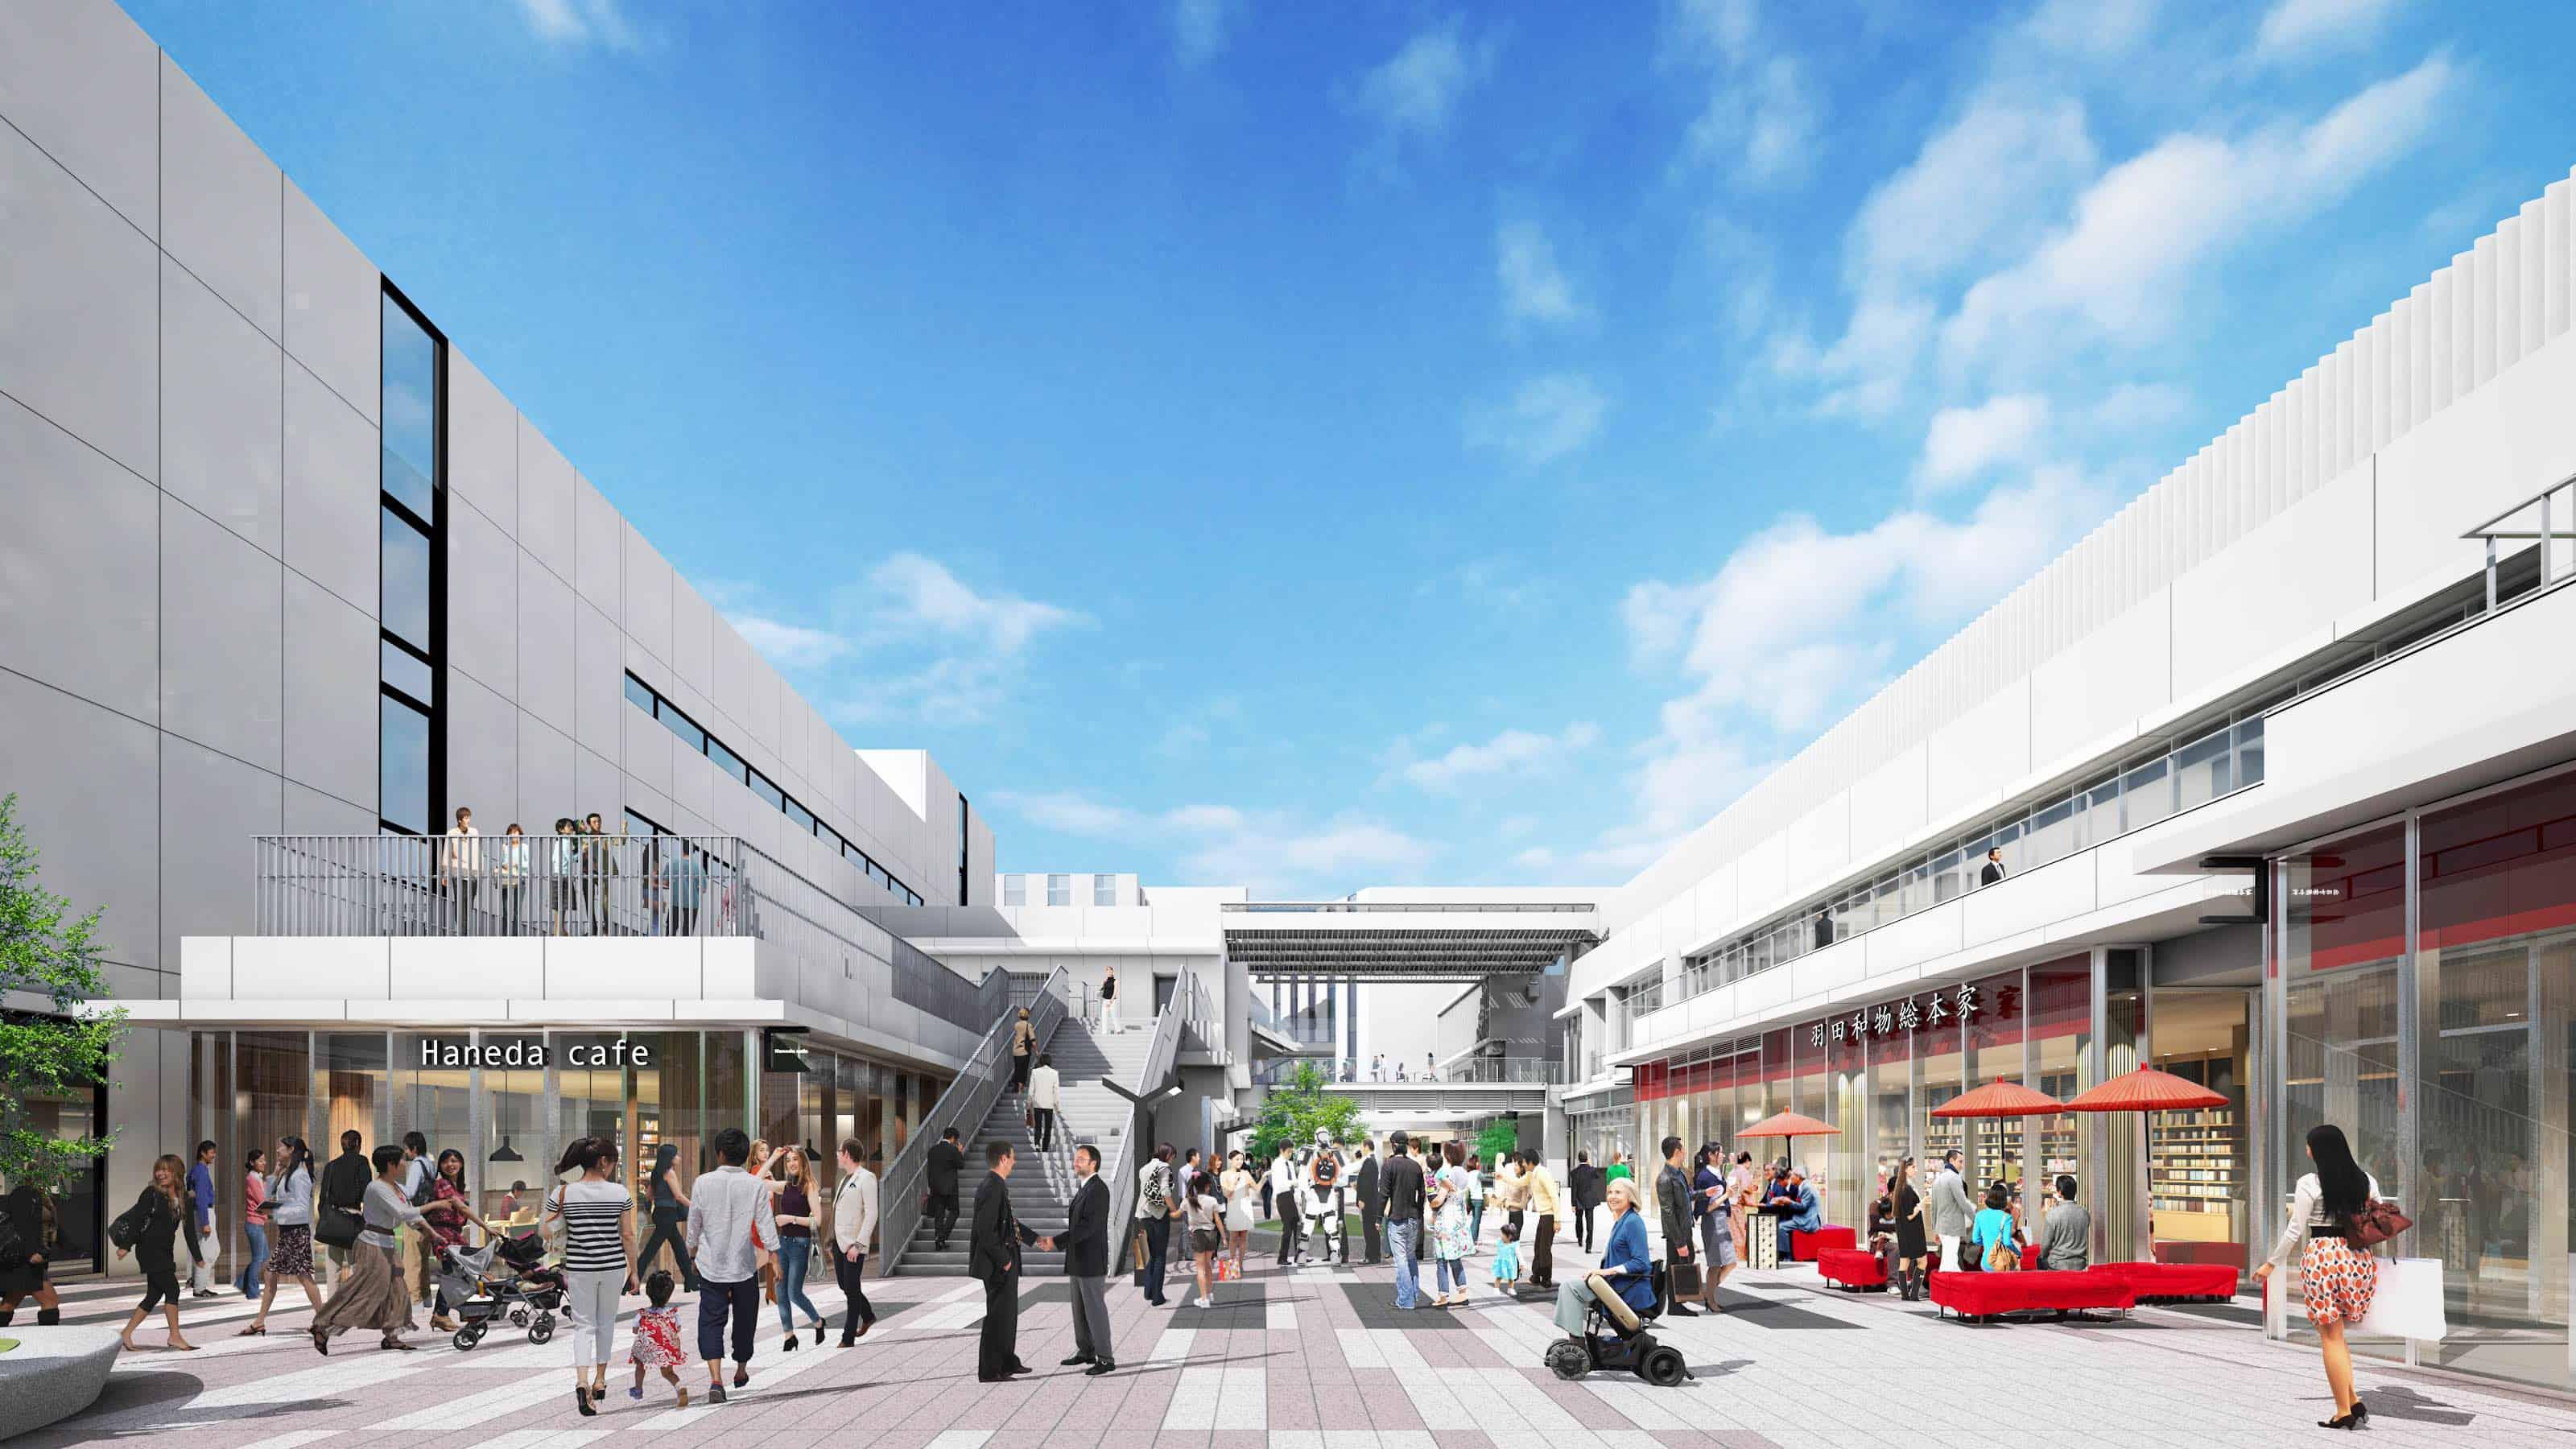 ที่เที่ยวเปิดใหม่ Tokyo 2020 - ฮาเนดะ อินโนเวชั่นซิตี้ (HANEDA INNOVATION CITY)